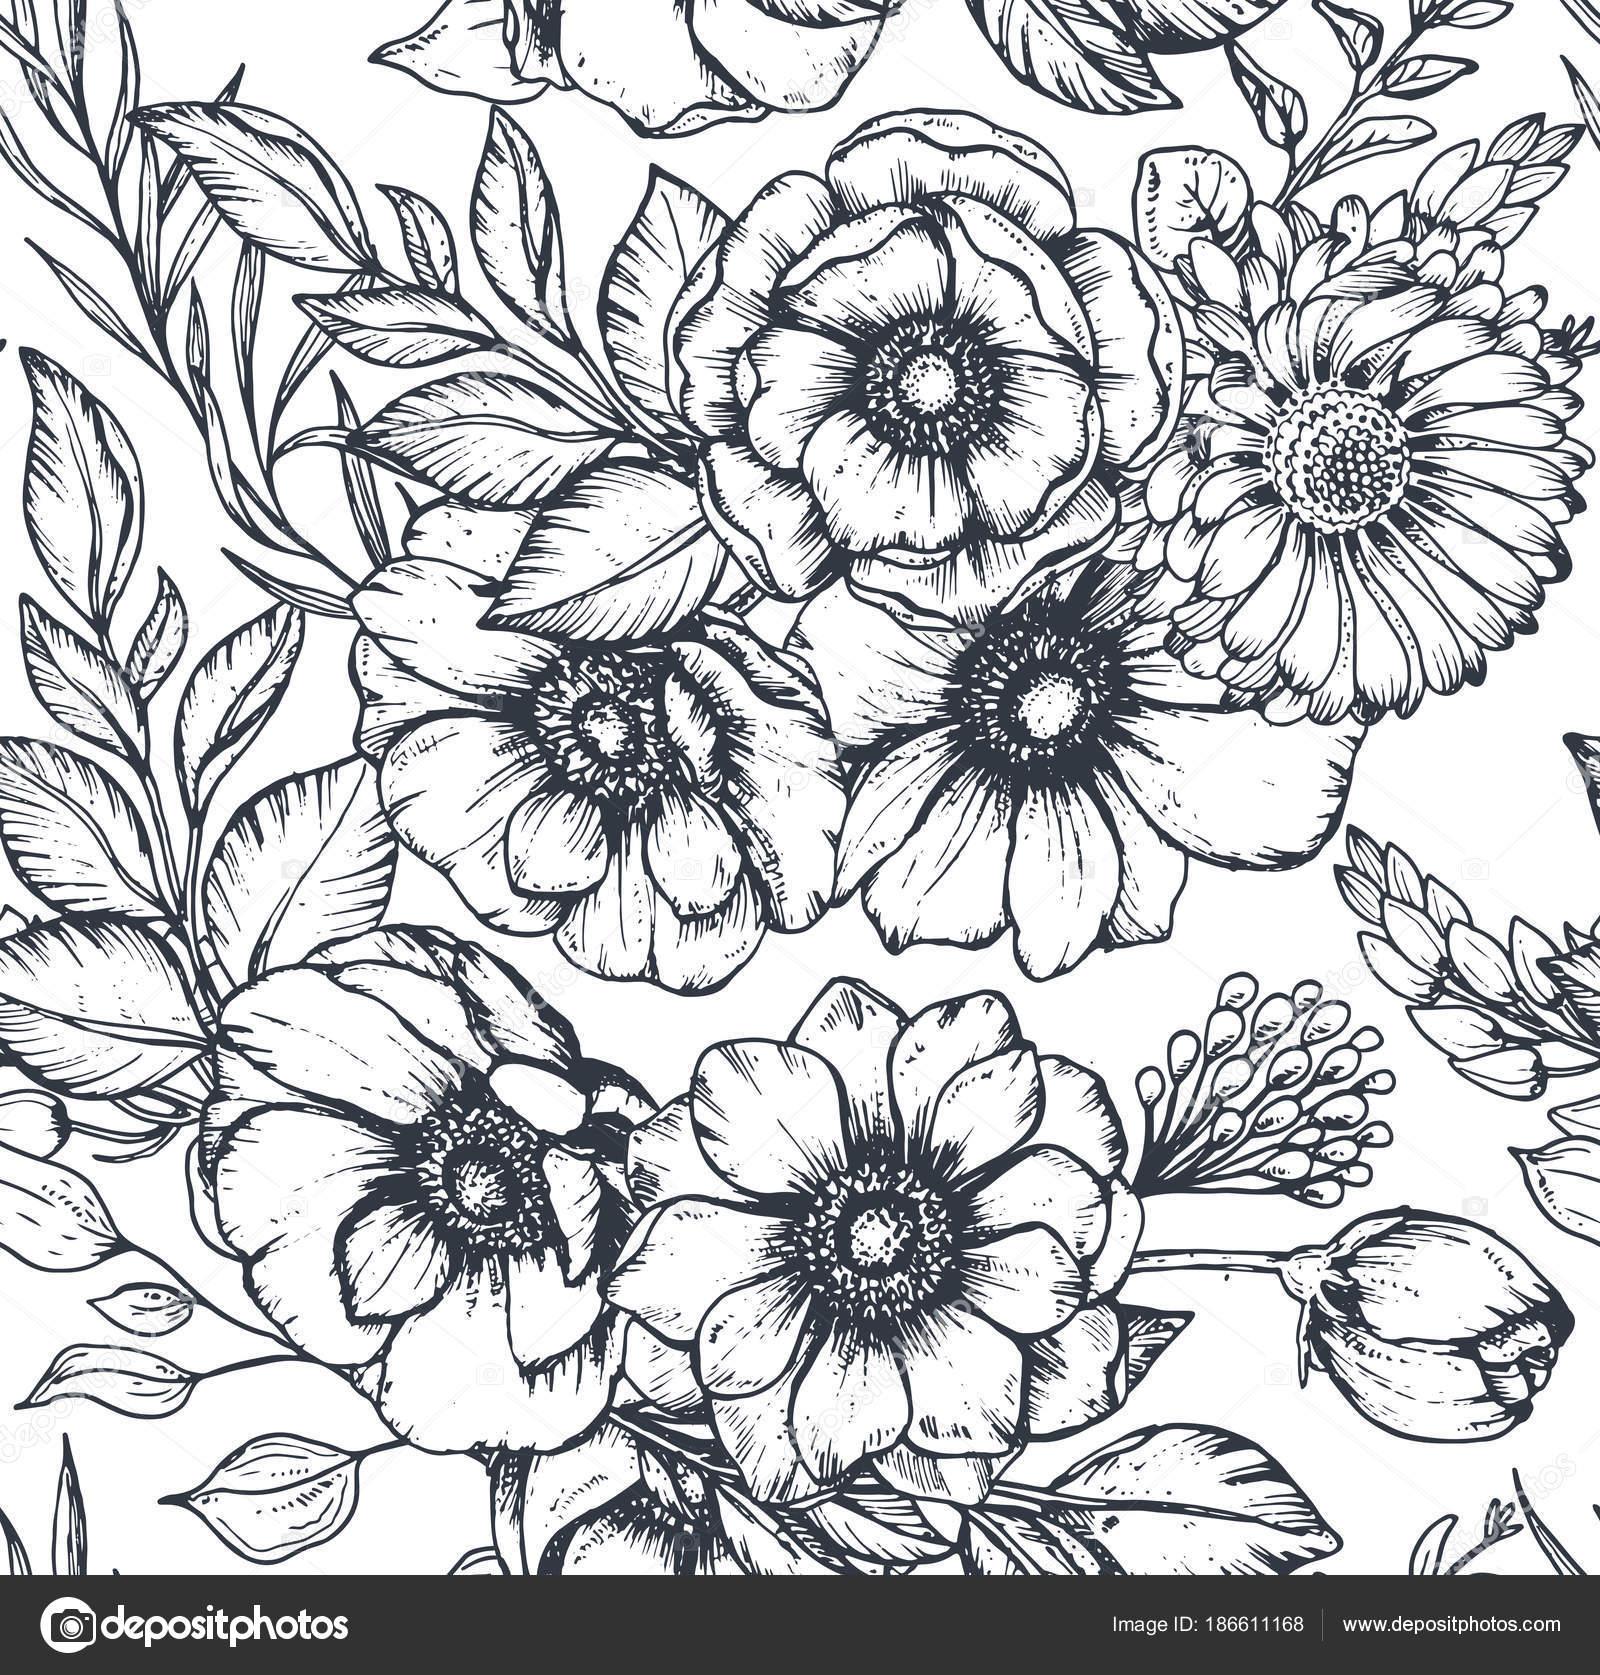 Vektor Schwarz Weisses Nahtloses Muster Mit Handgezeichneten